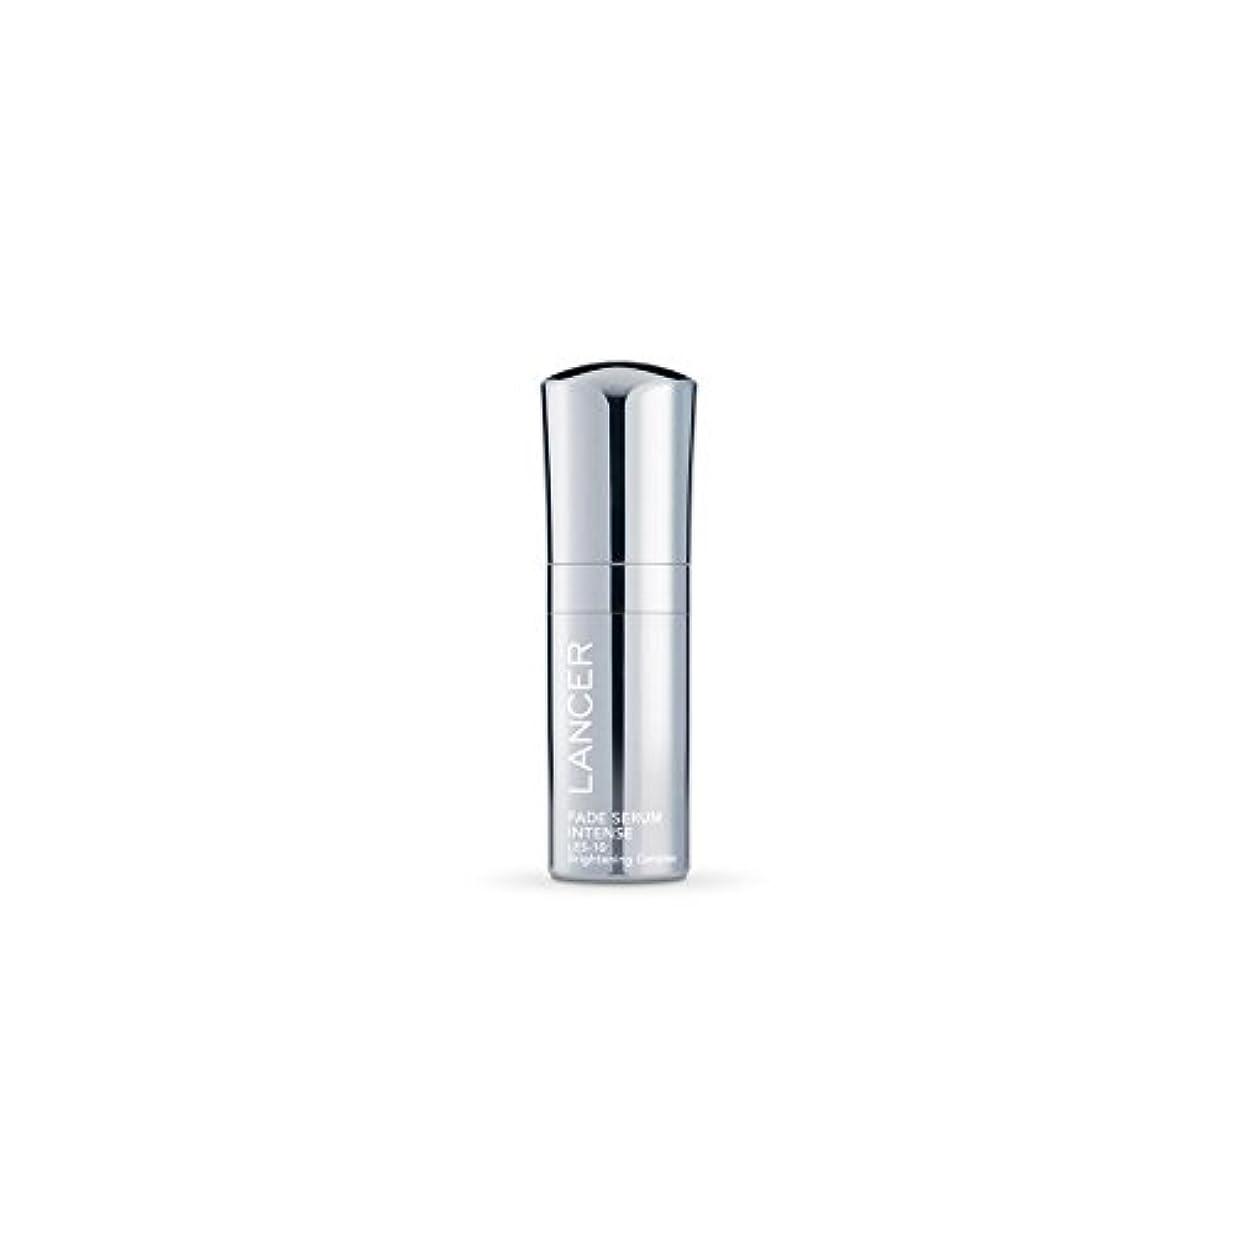 プライバシーエールステープルLancer Skincare Fade Serum Intense (30ml) (Pack of 6) - 強烈ランサースキンケアフェード血清(30ミリリットル) x6 [並行輸入品]